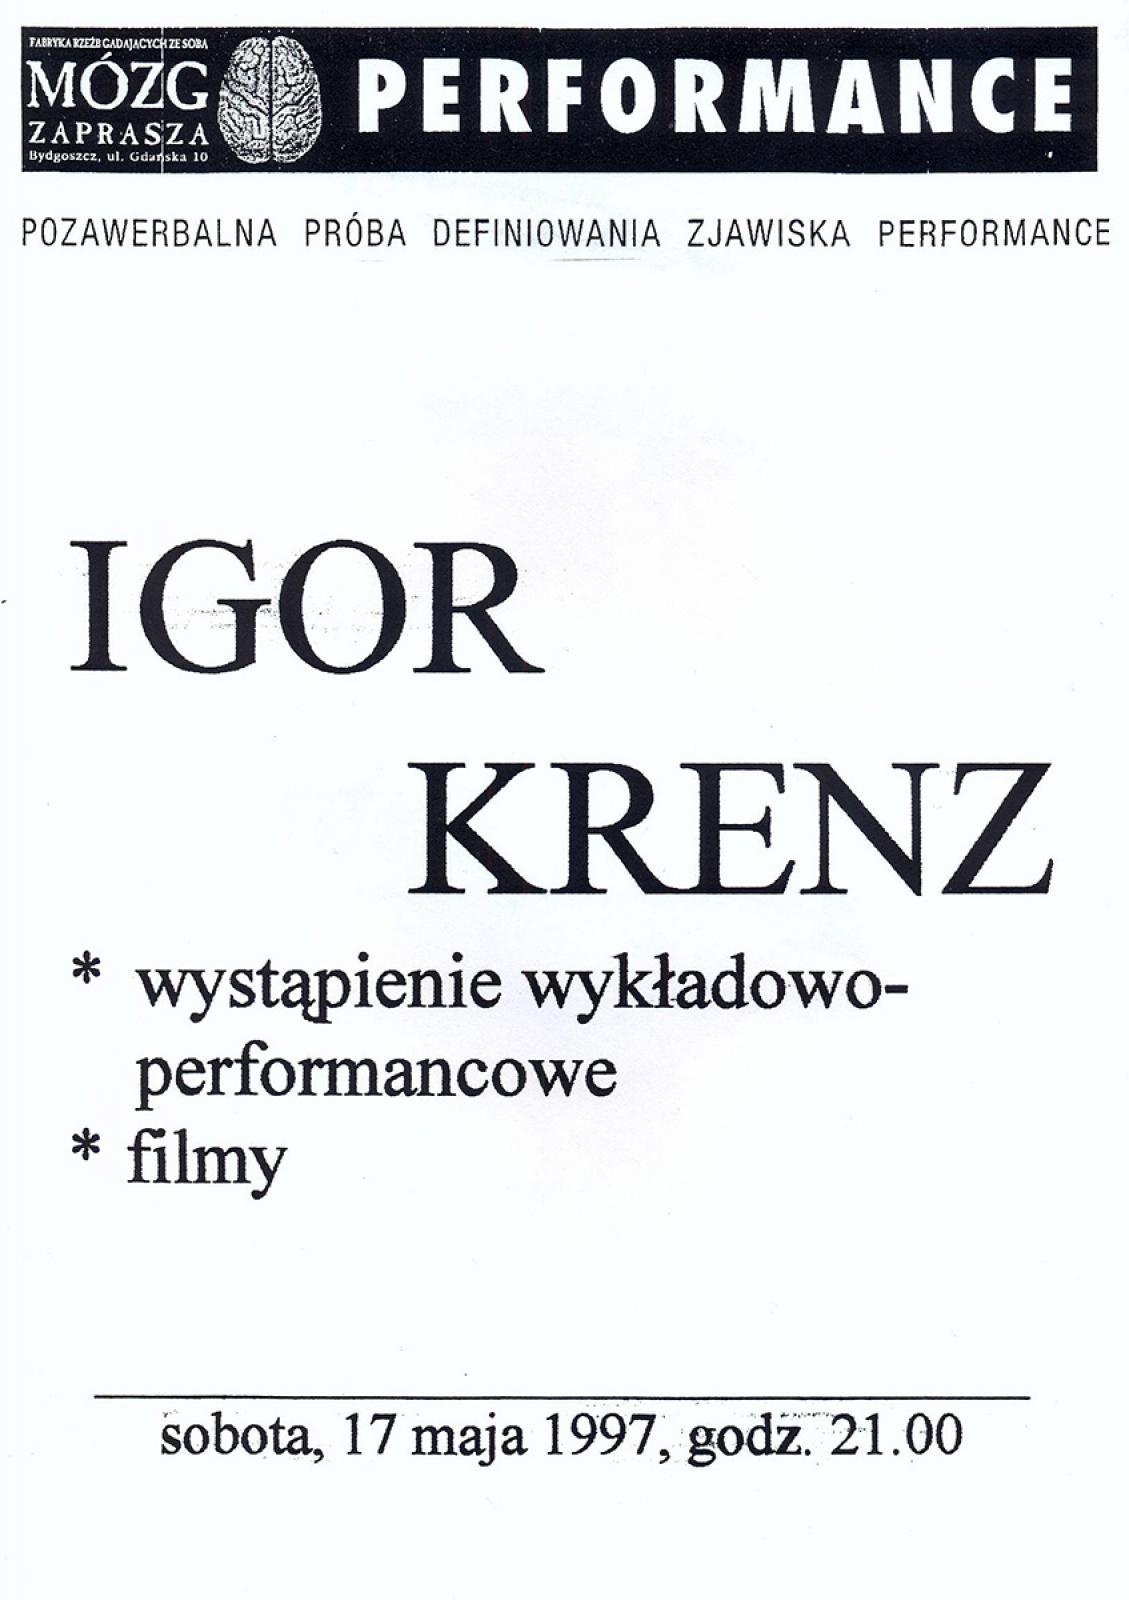 Igor Krenz - wystąpienie wykładowo-performancowe - z cyklu: pozawerbalna próba definiowania zjawiska performance